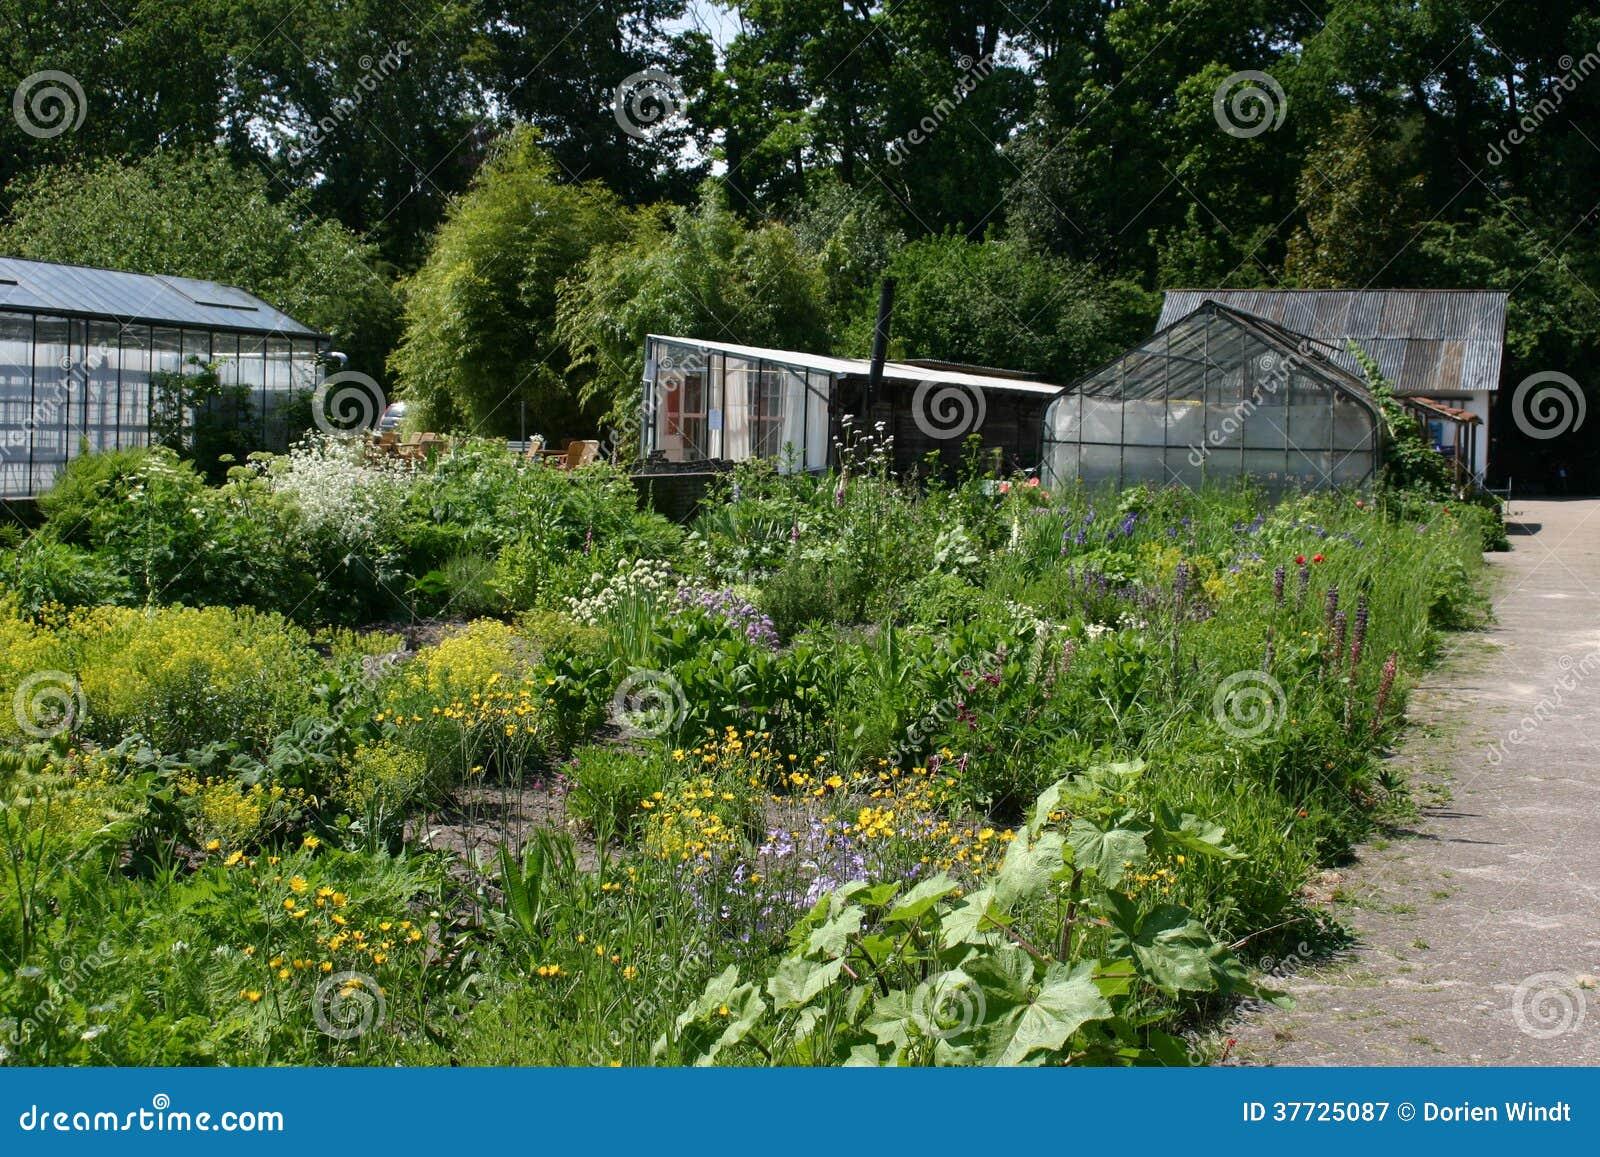 Land and Biological horticulture Boschzigt